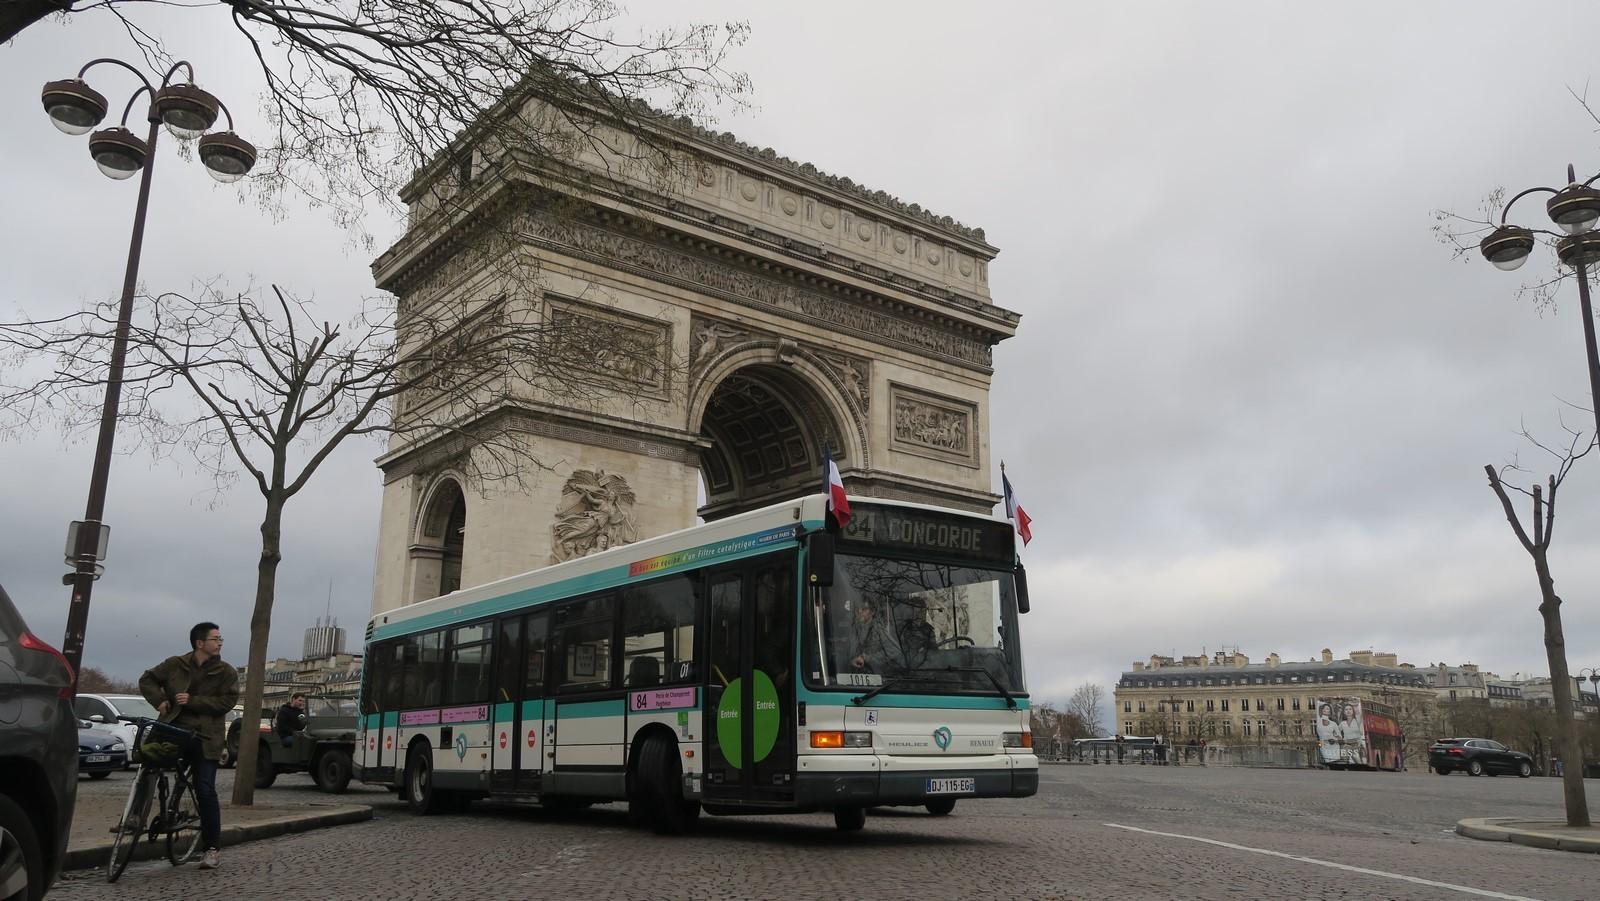 Traversee de Paris hivernale 2019 FM 75